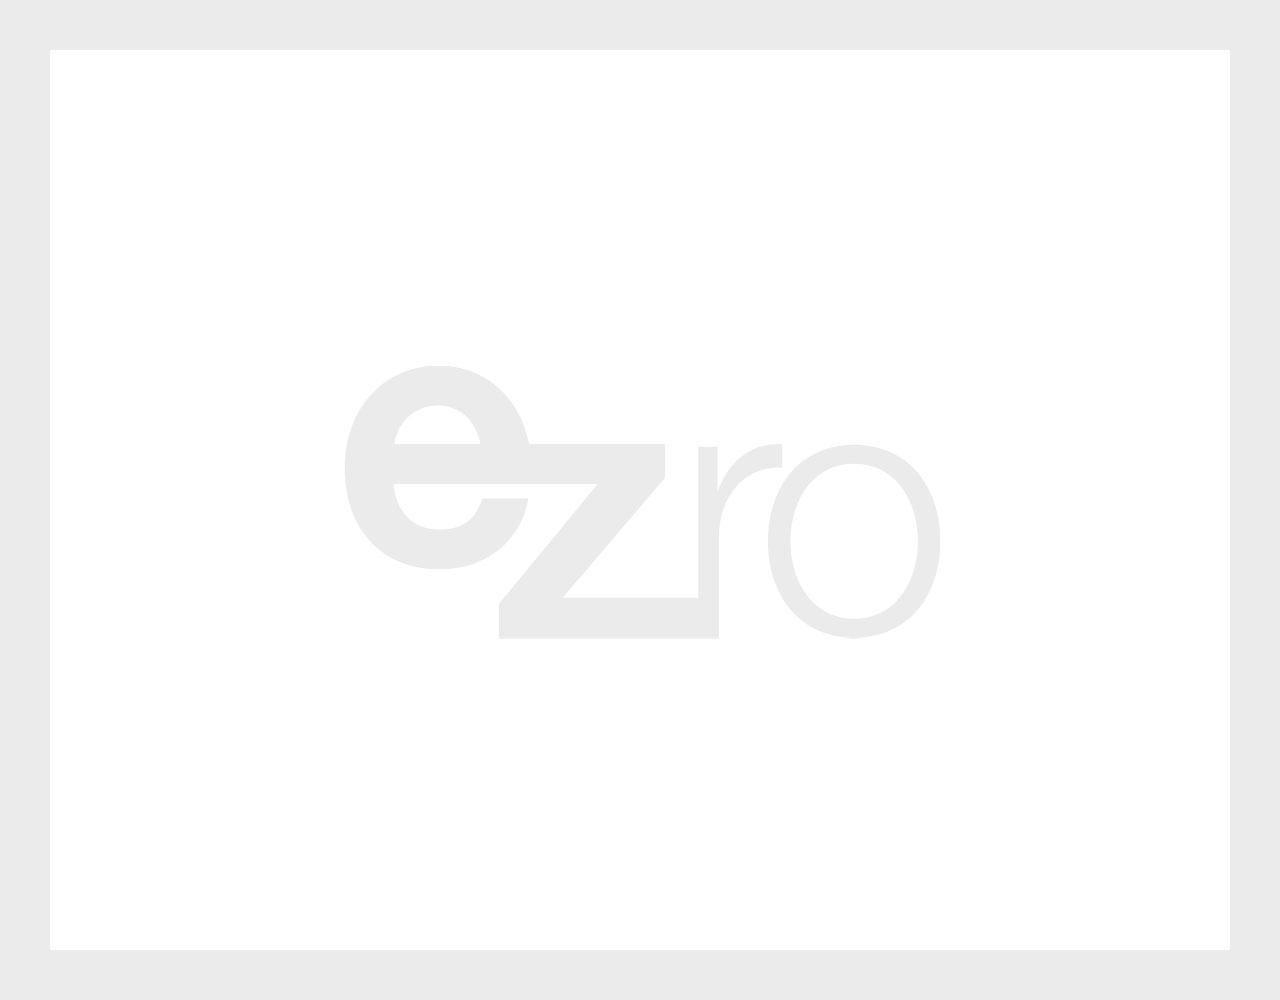 Rein dekoratives Element. Zu sehen ist ein grauer Rahmen und in der Mitte im gleichen Grau das ezro-Logo. Dieses Bild dient als Platzhalter.